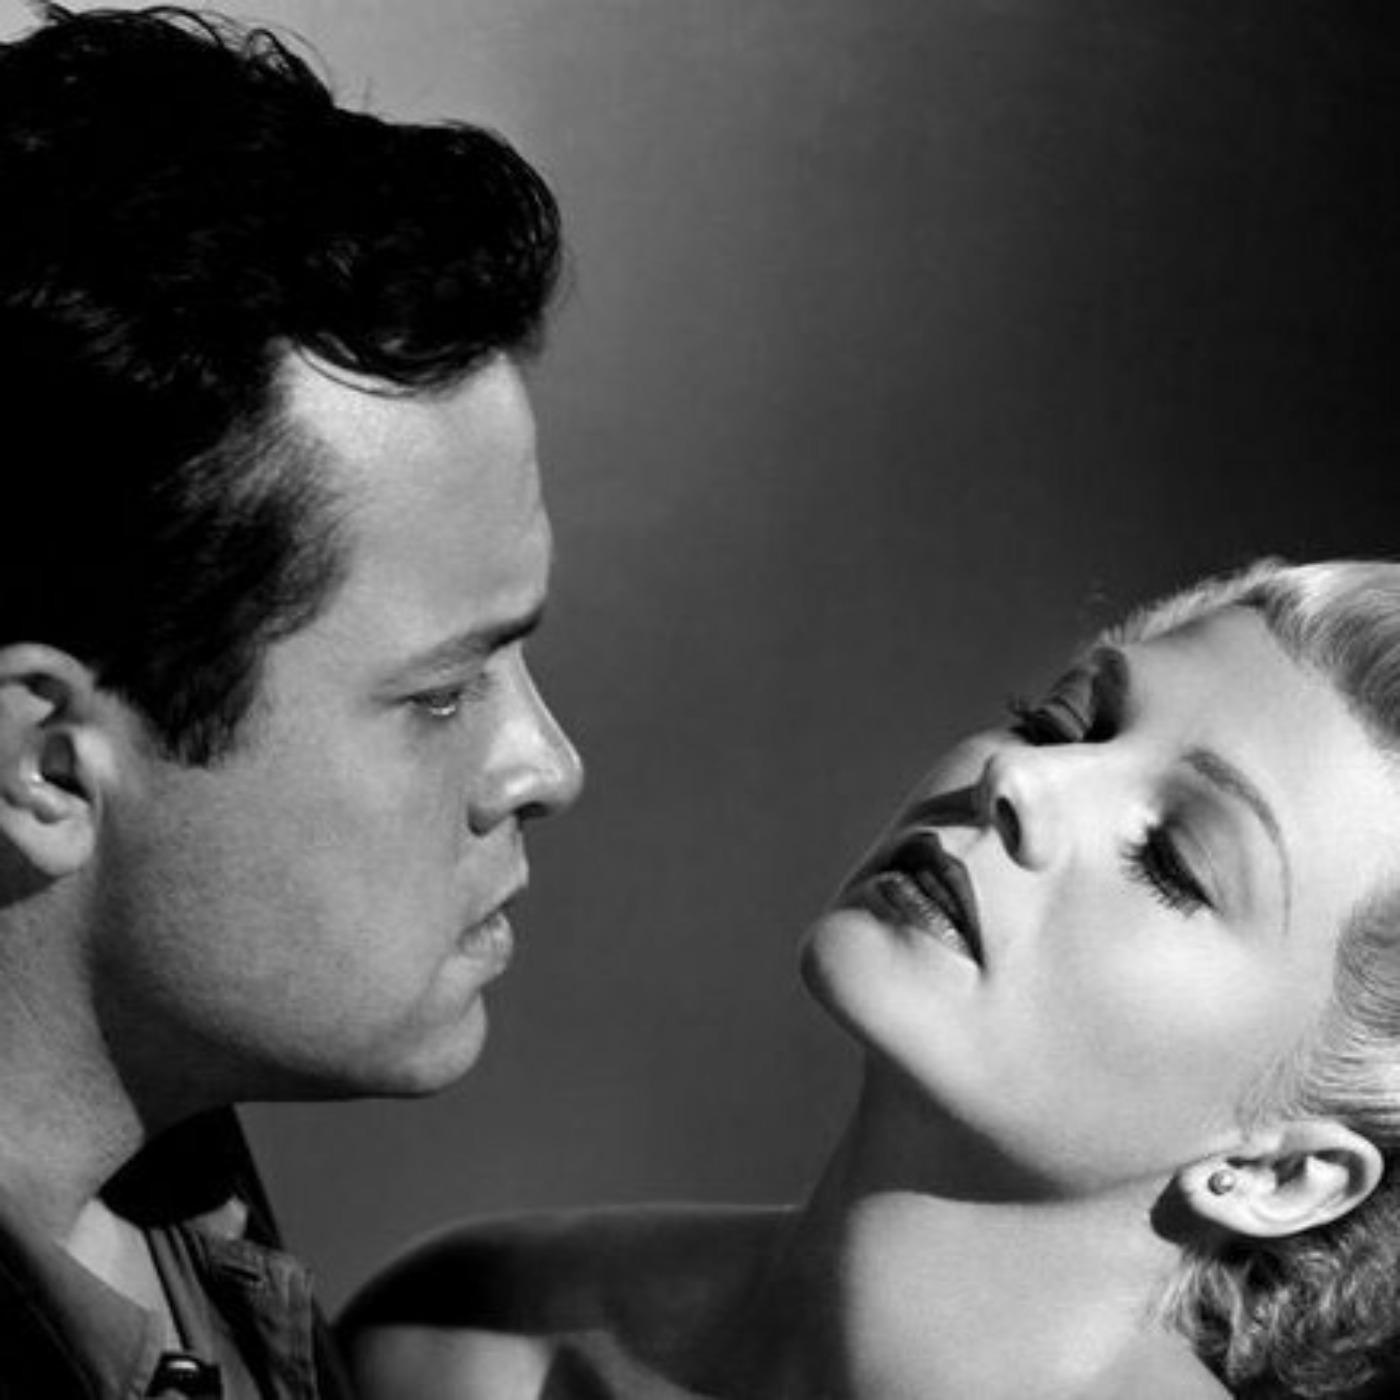 #28 - La Dame de Shanghai, ou quand Orson Welles tombe de son piédestal